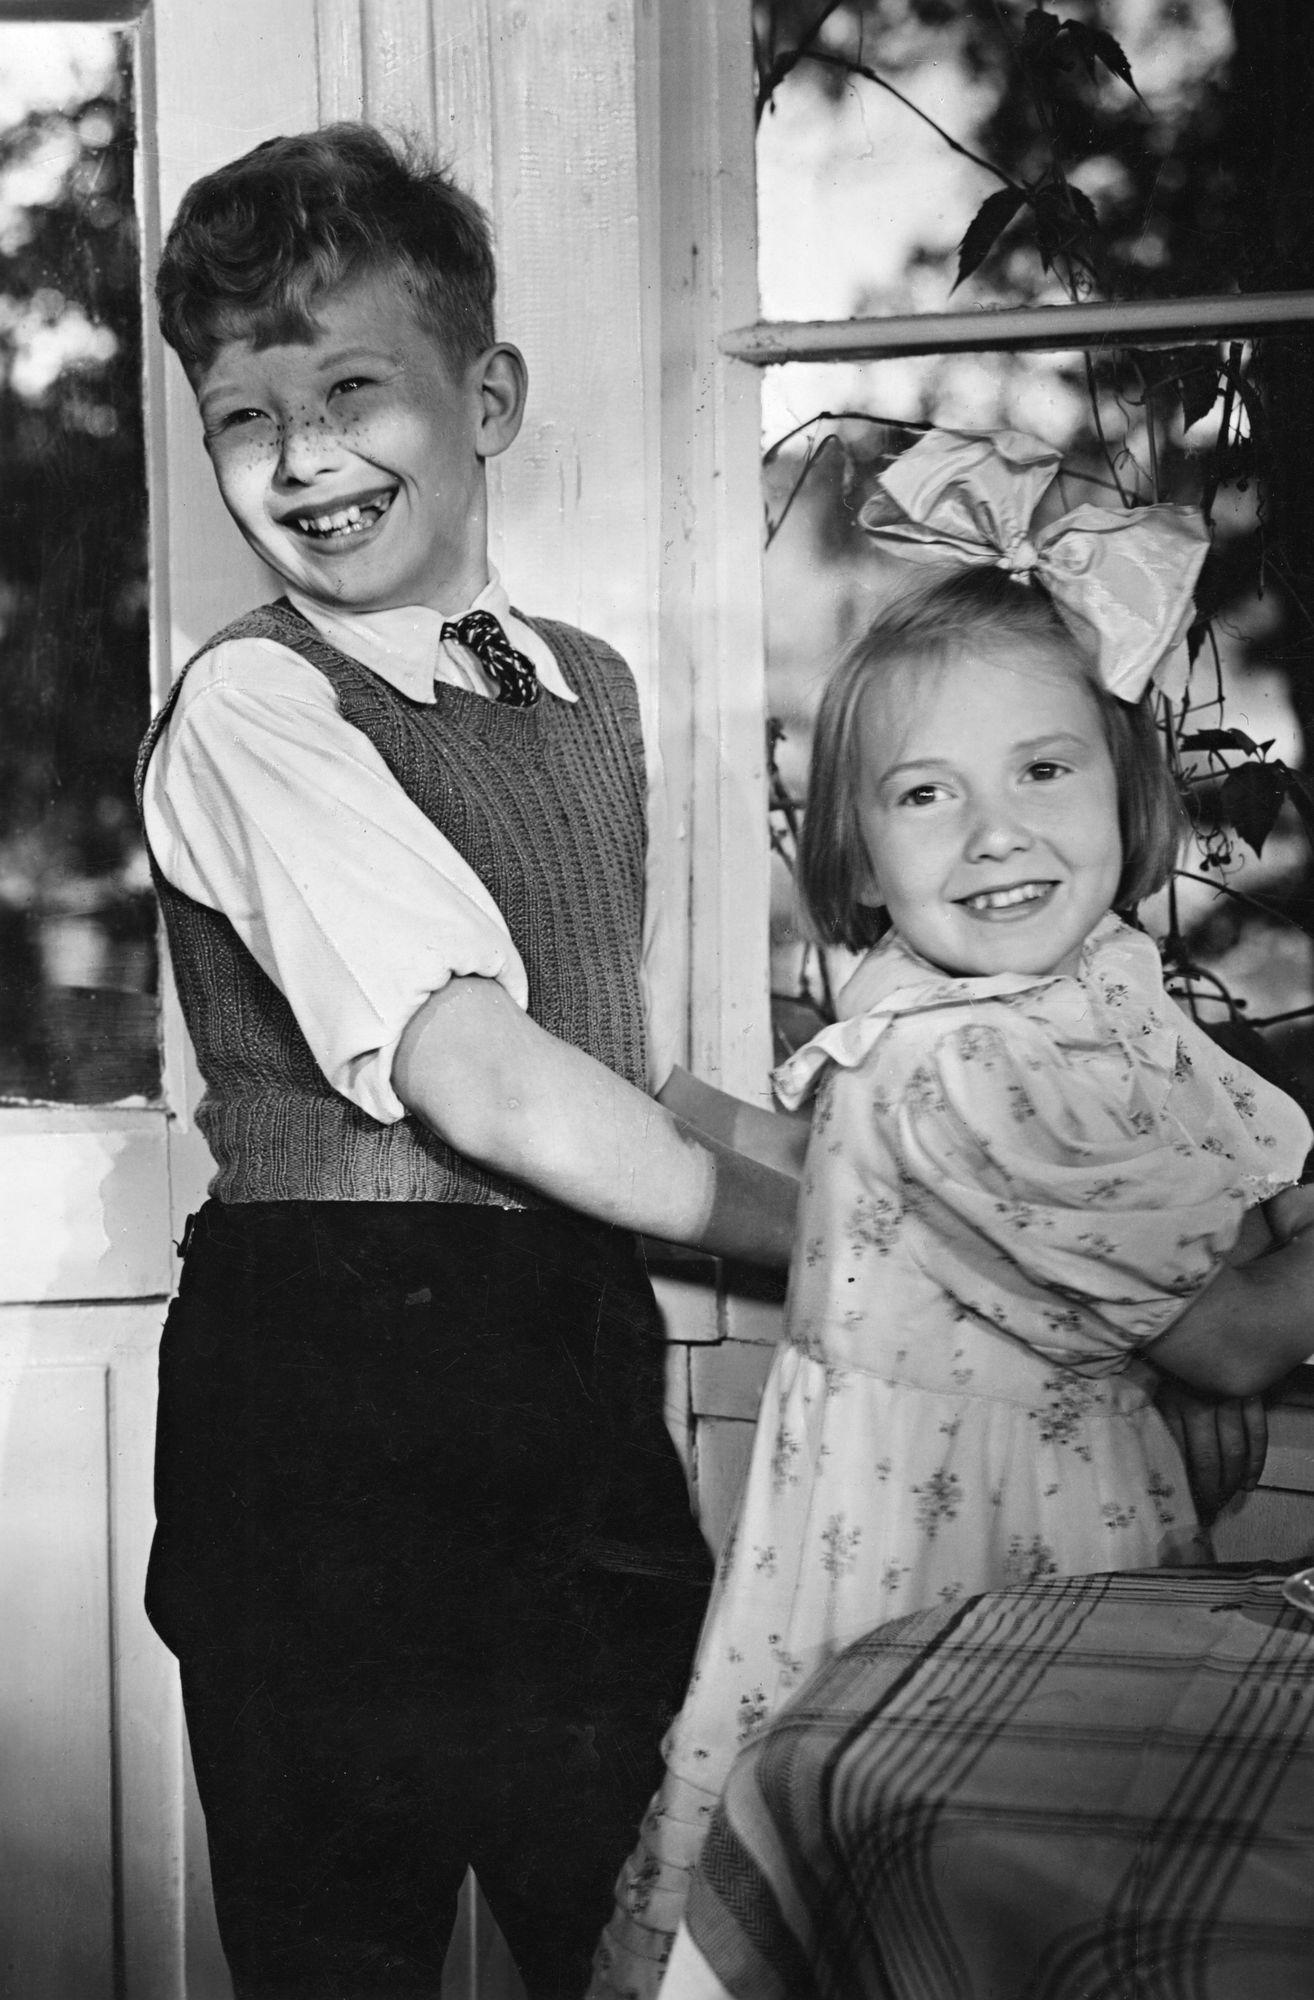 Näyttelijät Lasse Pöysti ja Maire Suvanto elokuvassa Suomisen perhe. © Kansallinen audiovisuaalinen instituutti / om-arkisto